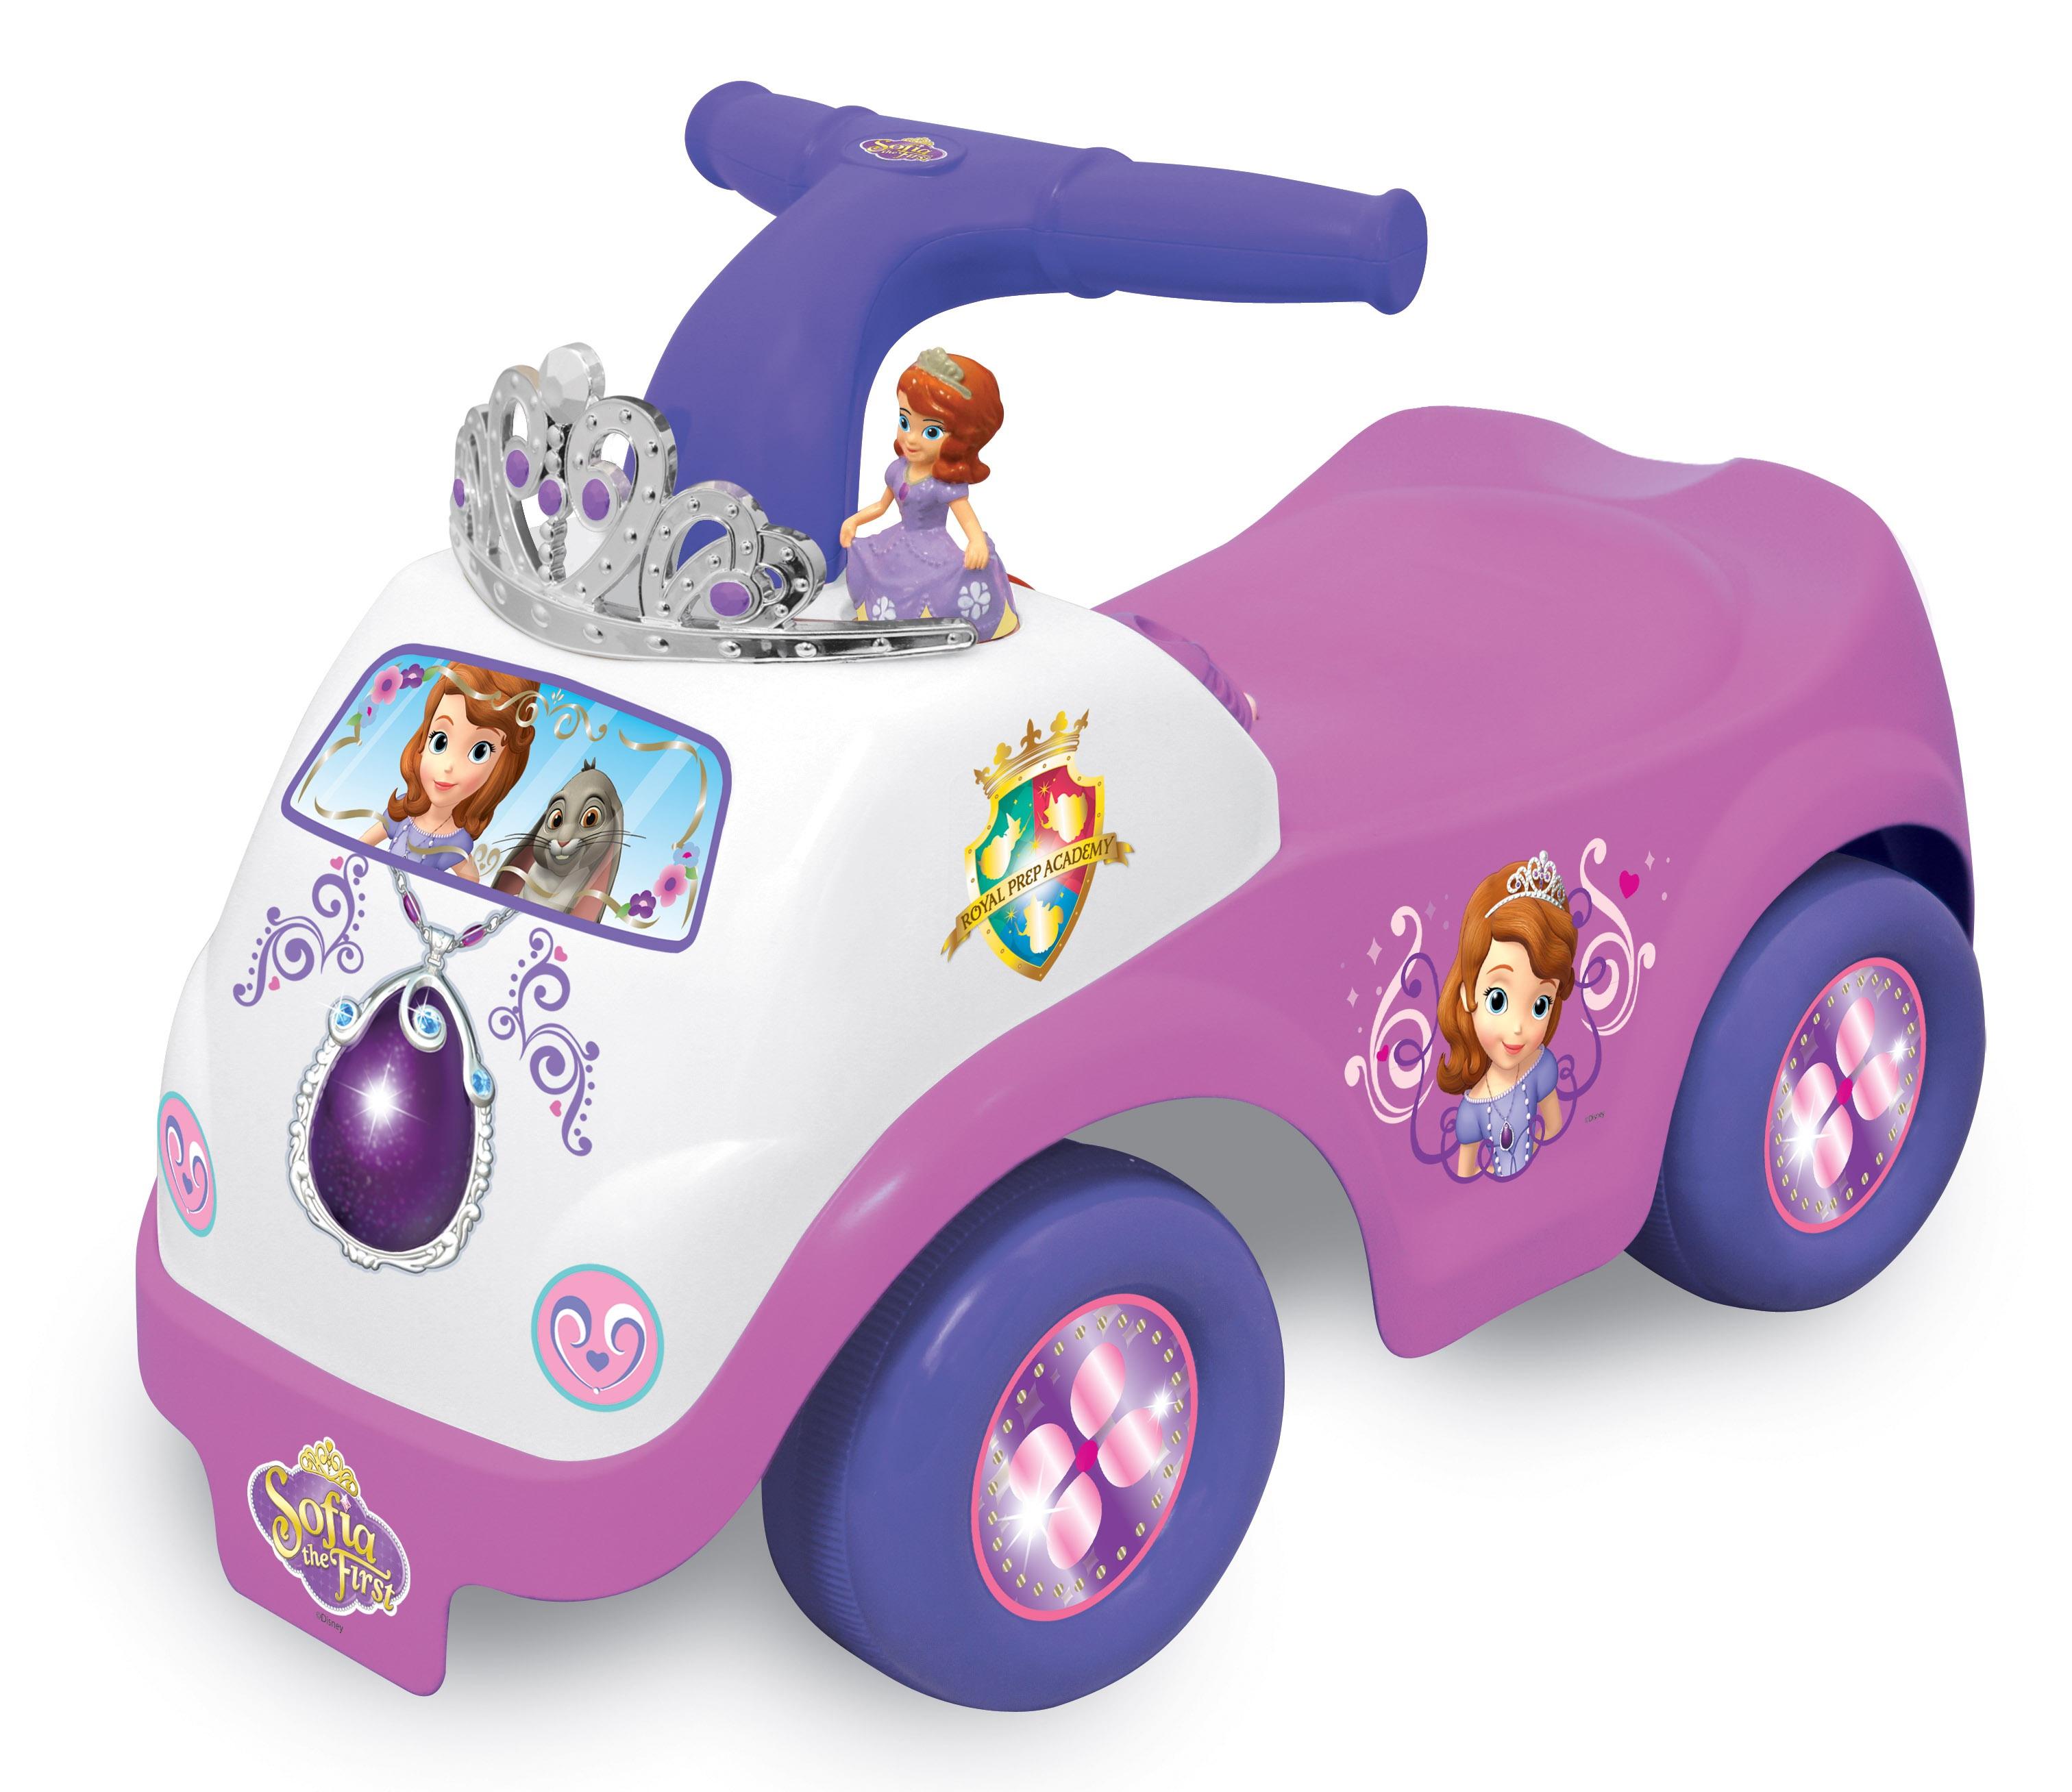 Машинки-каталки и ходунки KIDDIELAND Принцесса София